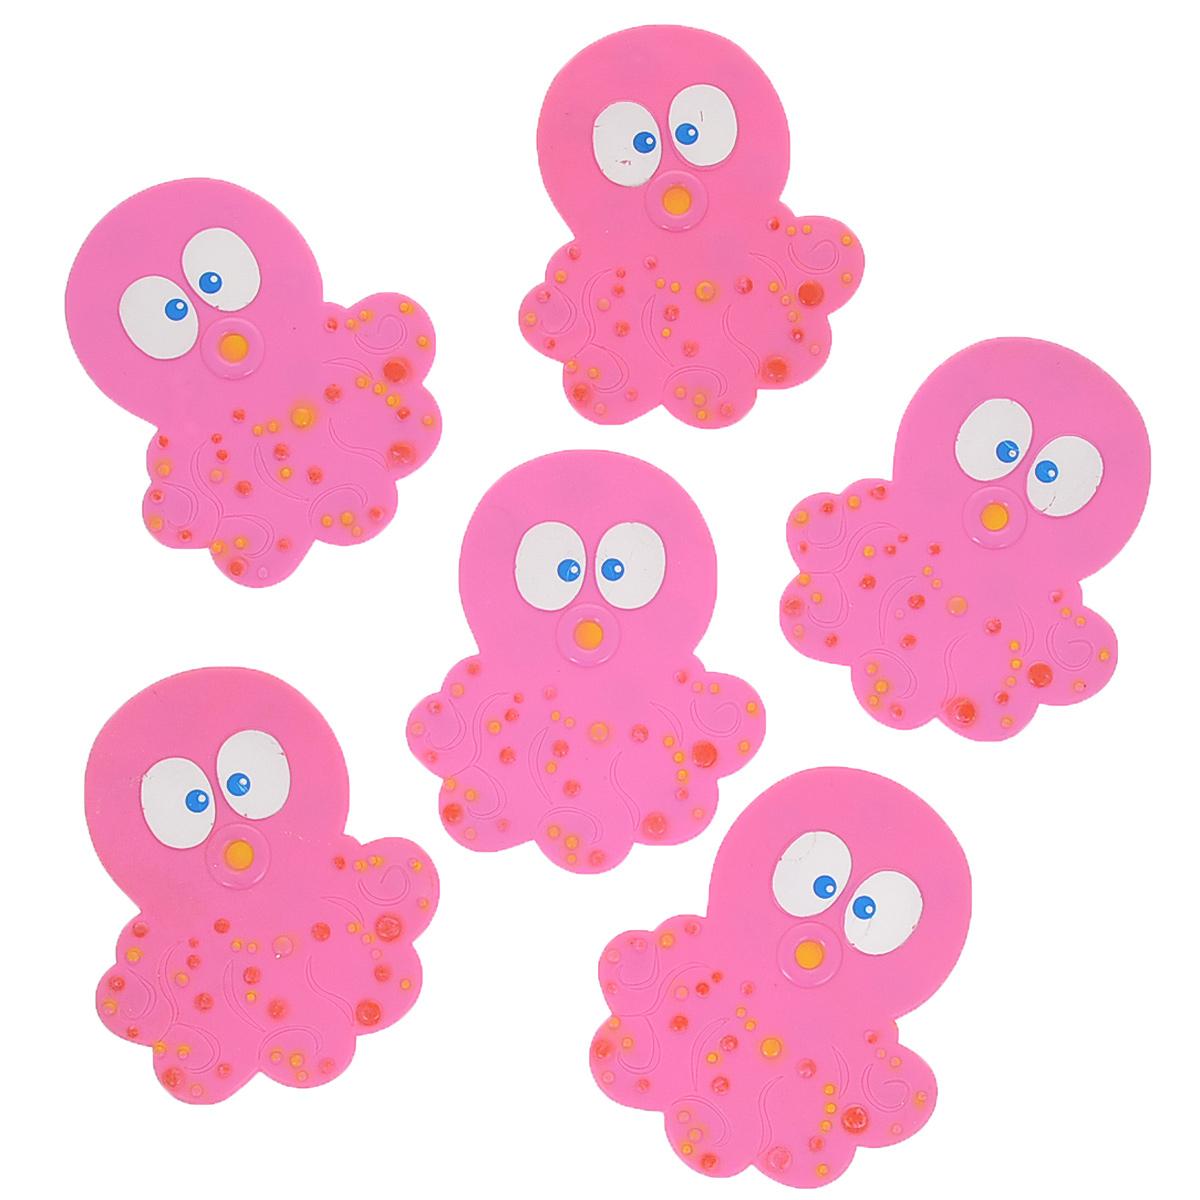 Набор мини-ковриков для ванной Dom Company Осьминог, цвет: розовый, 6 шт.74-0140Набор Dom Company Осьминог состоит из шести мини-ковриков для ванной, изготовленных из 100% полимерных материалов в форме забавных осьминогов. Коврики оснащены присосками, предотвращающими скольжение. Их можно крепить на дно ванны или использовать как декор для плитки. Коврики легко чистить.